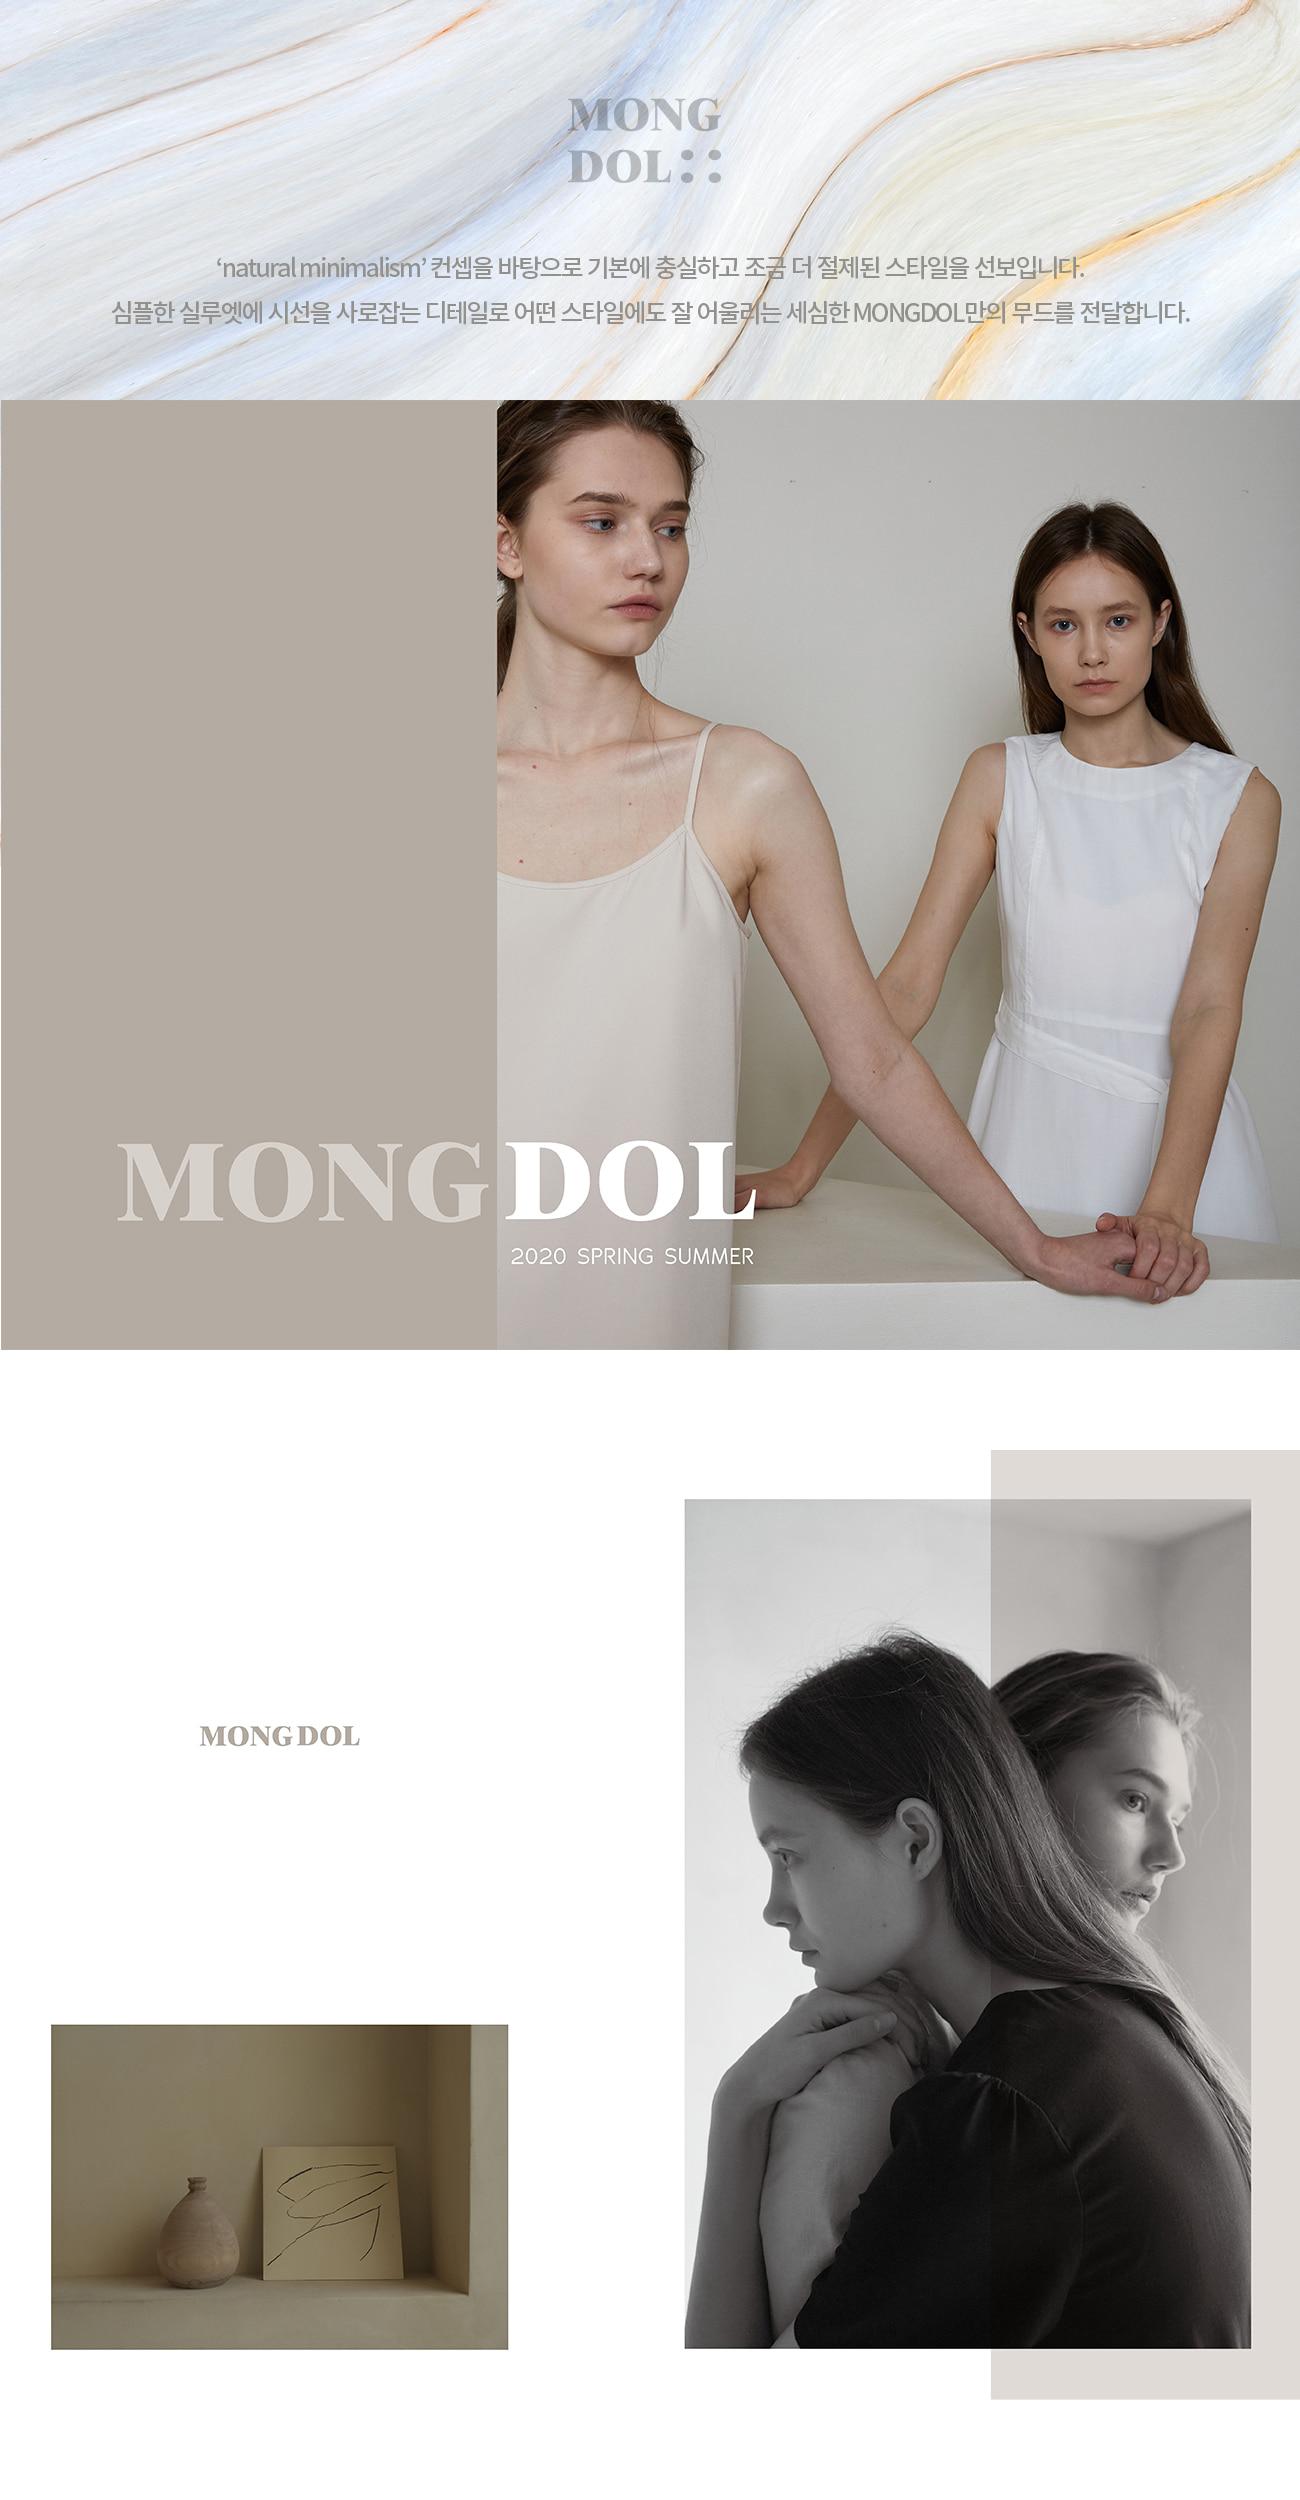 몽돌(MONGDOL) 원피스 다이애그널 라인 스트랩 원피스 드레스 네이비 MDOP012NAVY